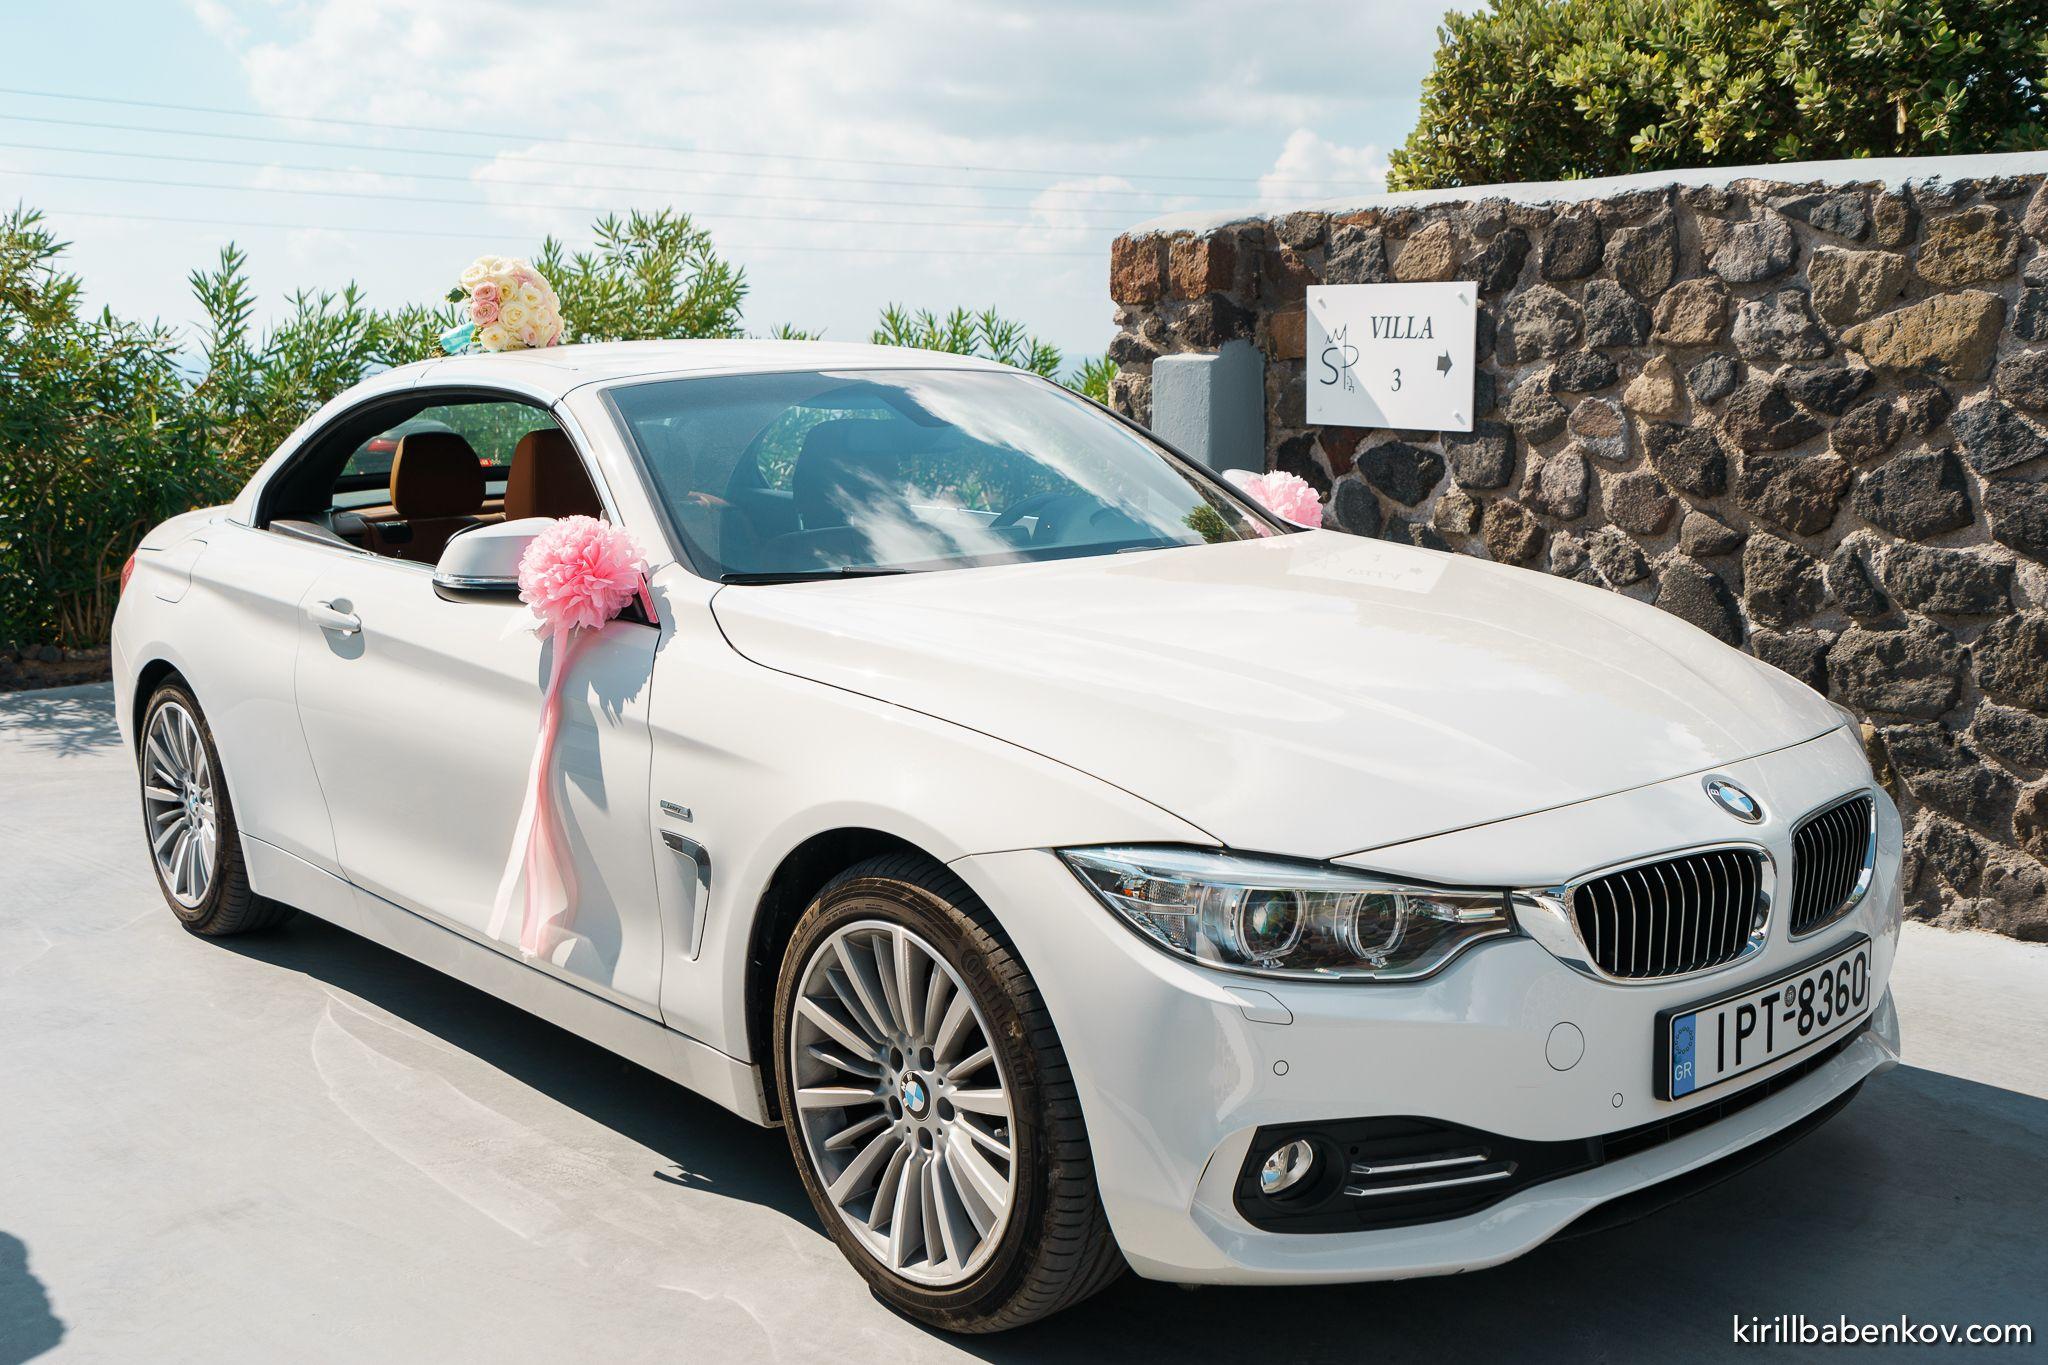 Bmw Cabrio 420d Wedding Car Decoration Wedding Pinterest